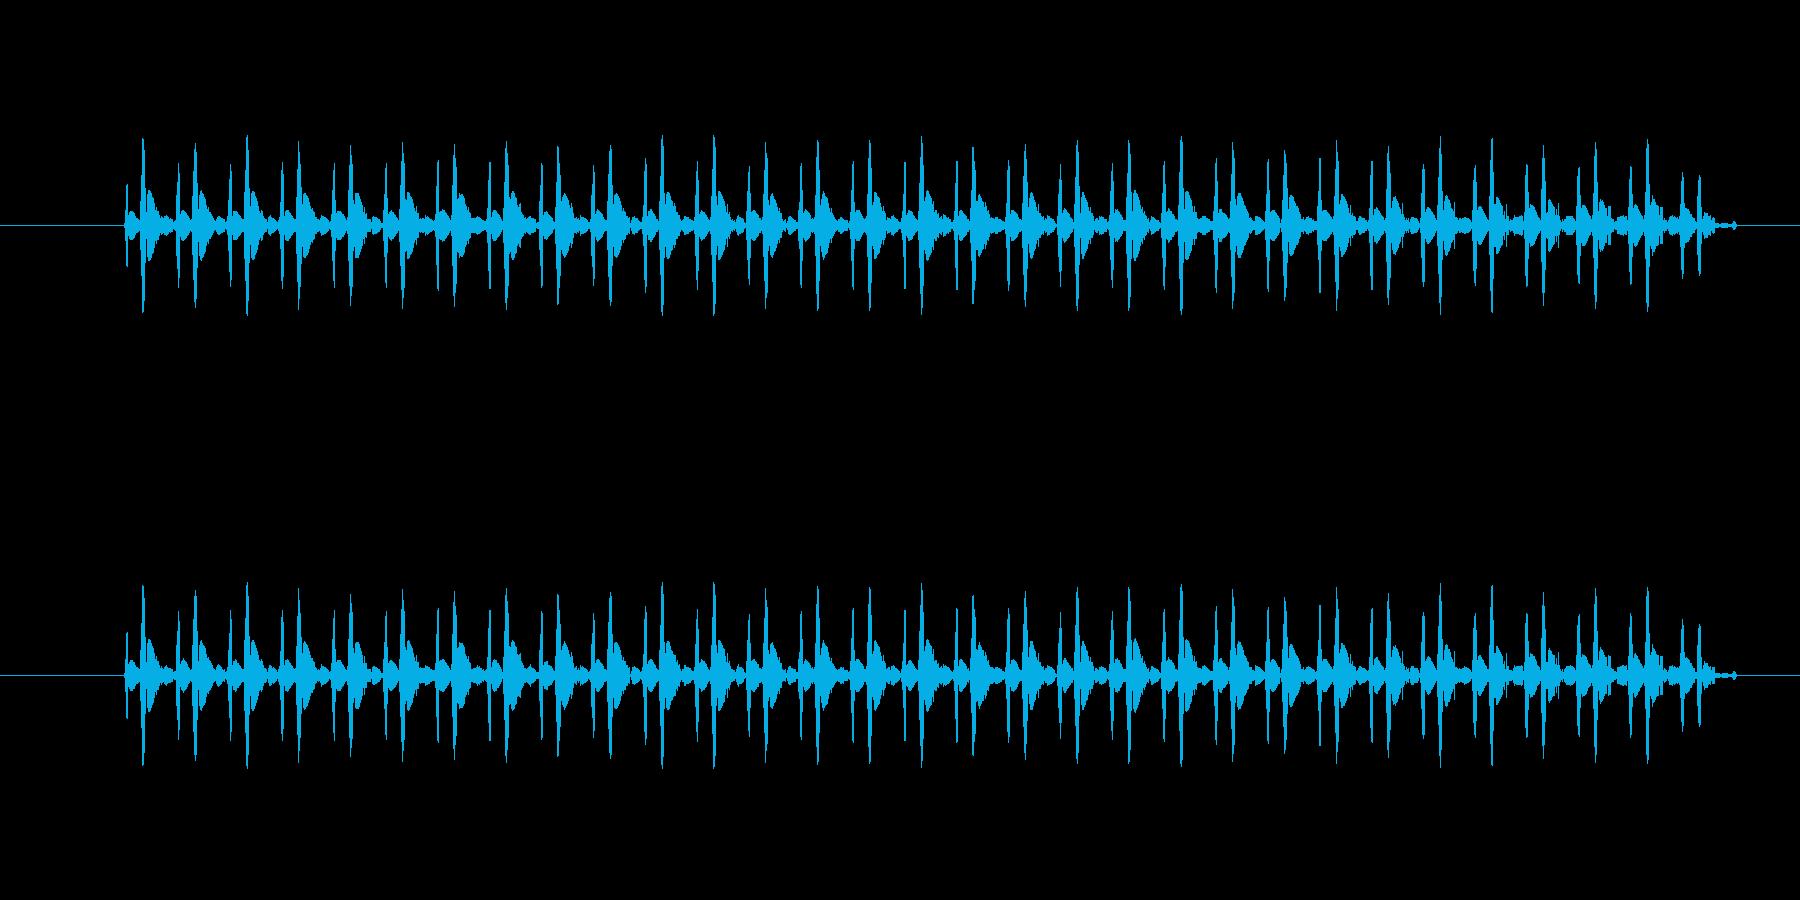 ゲーム、クイズ(ブー音)_003の再生済みの波形